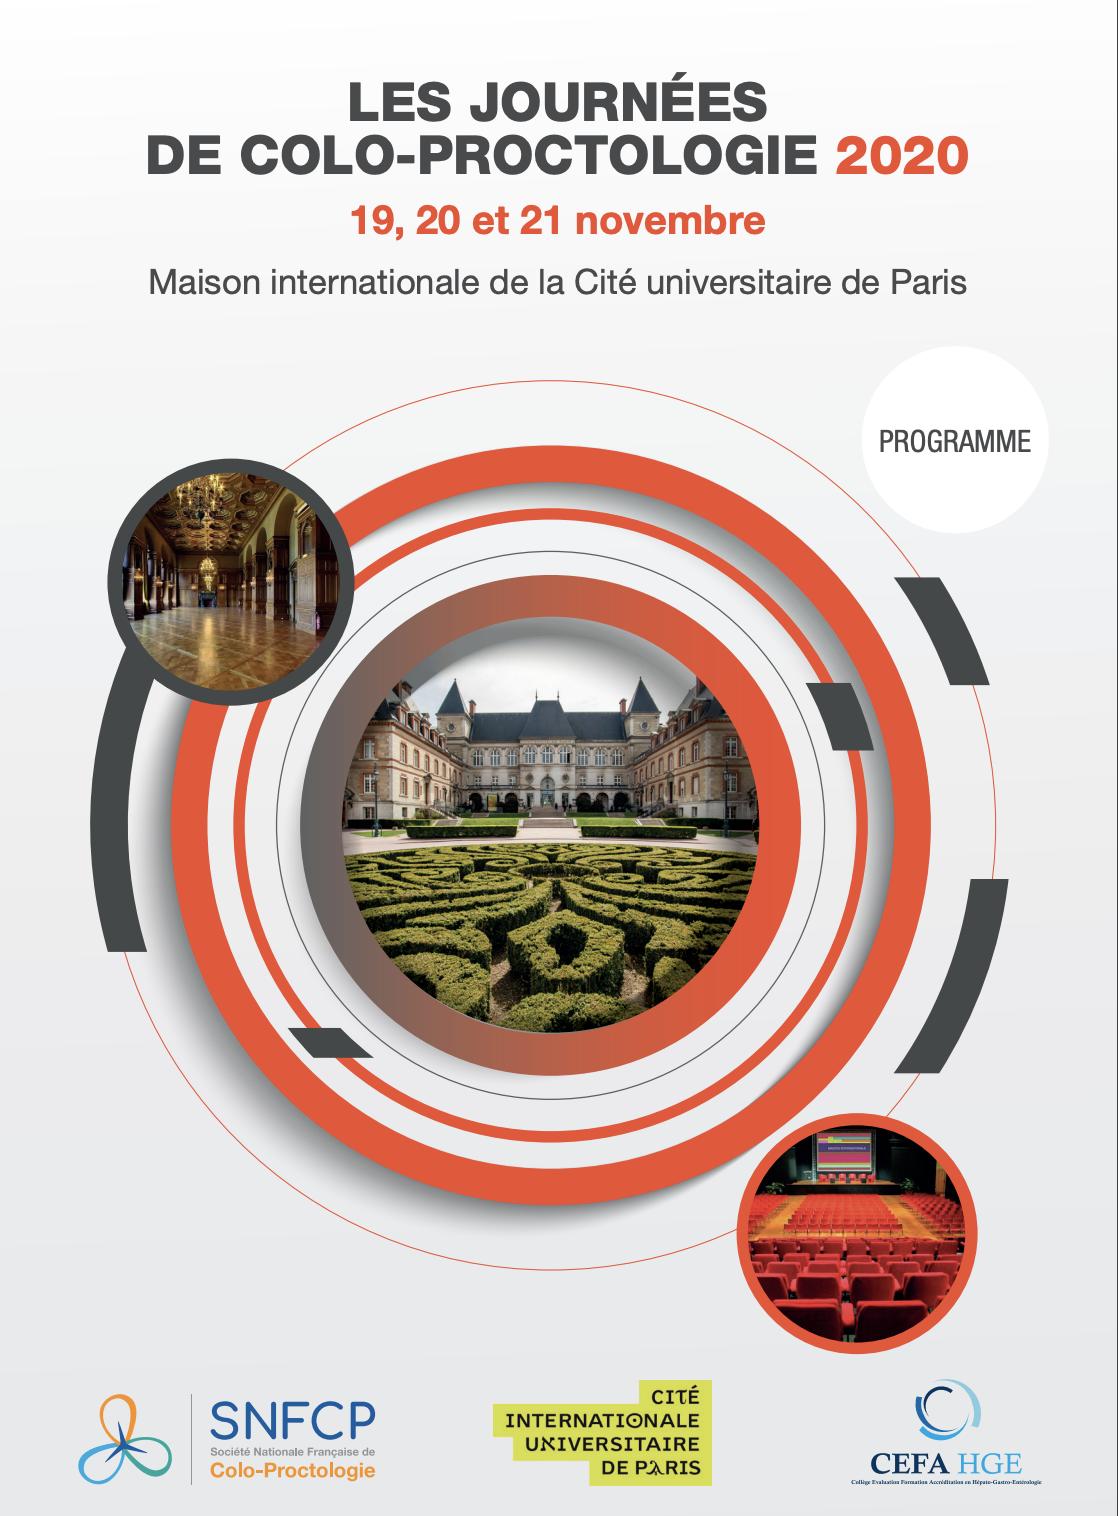 SNFCP – Journées de Colo-Proctologie (Société Nationale Française de ColoProctologie)